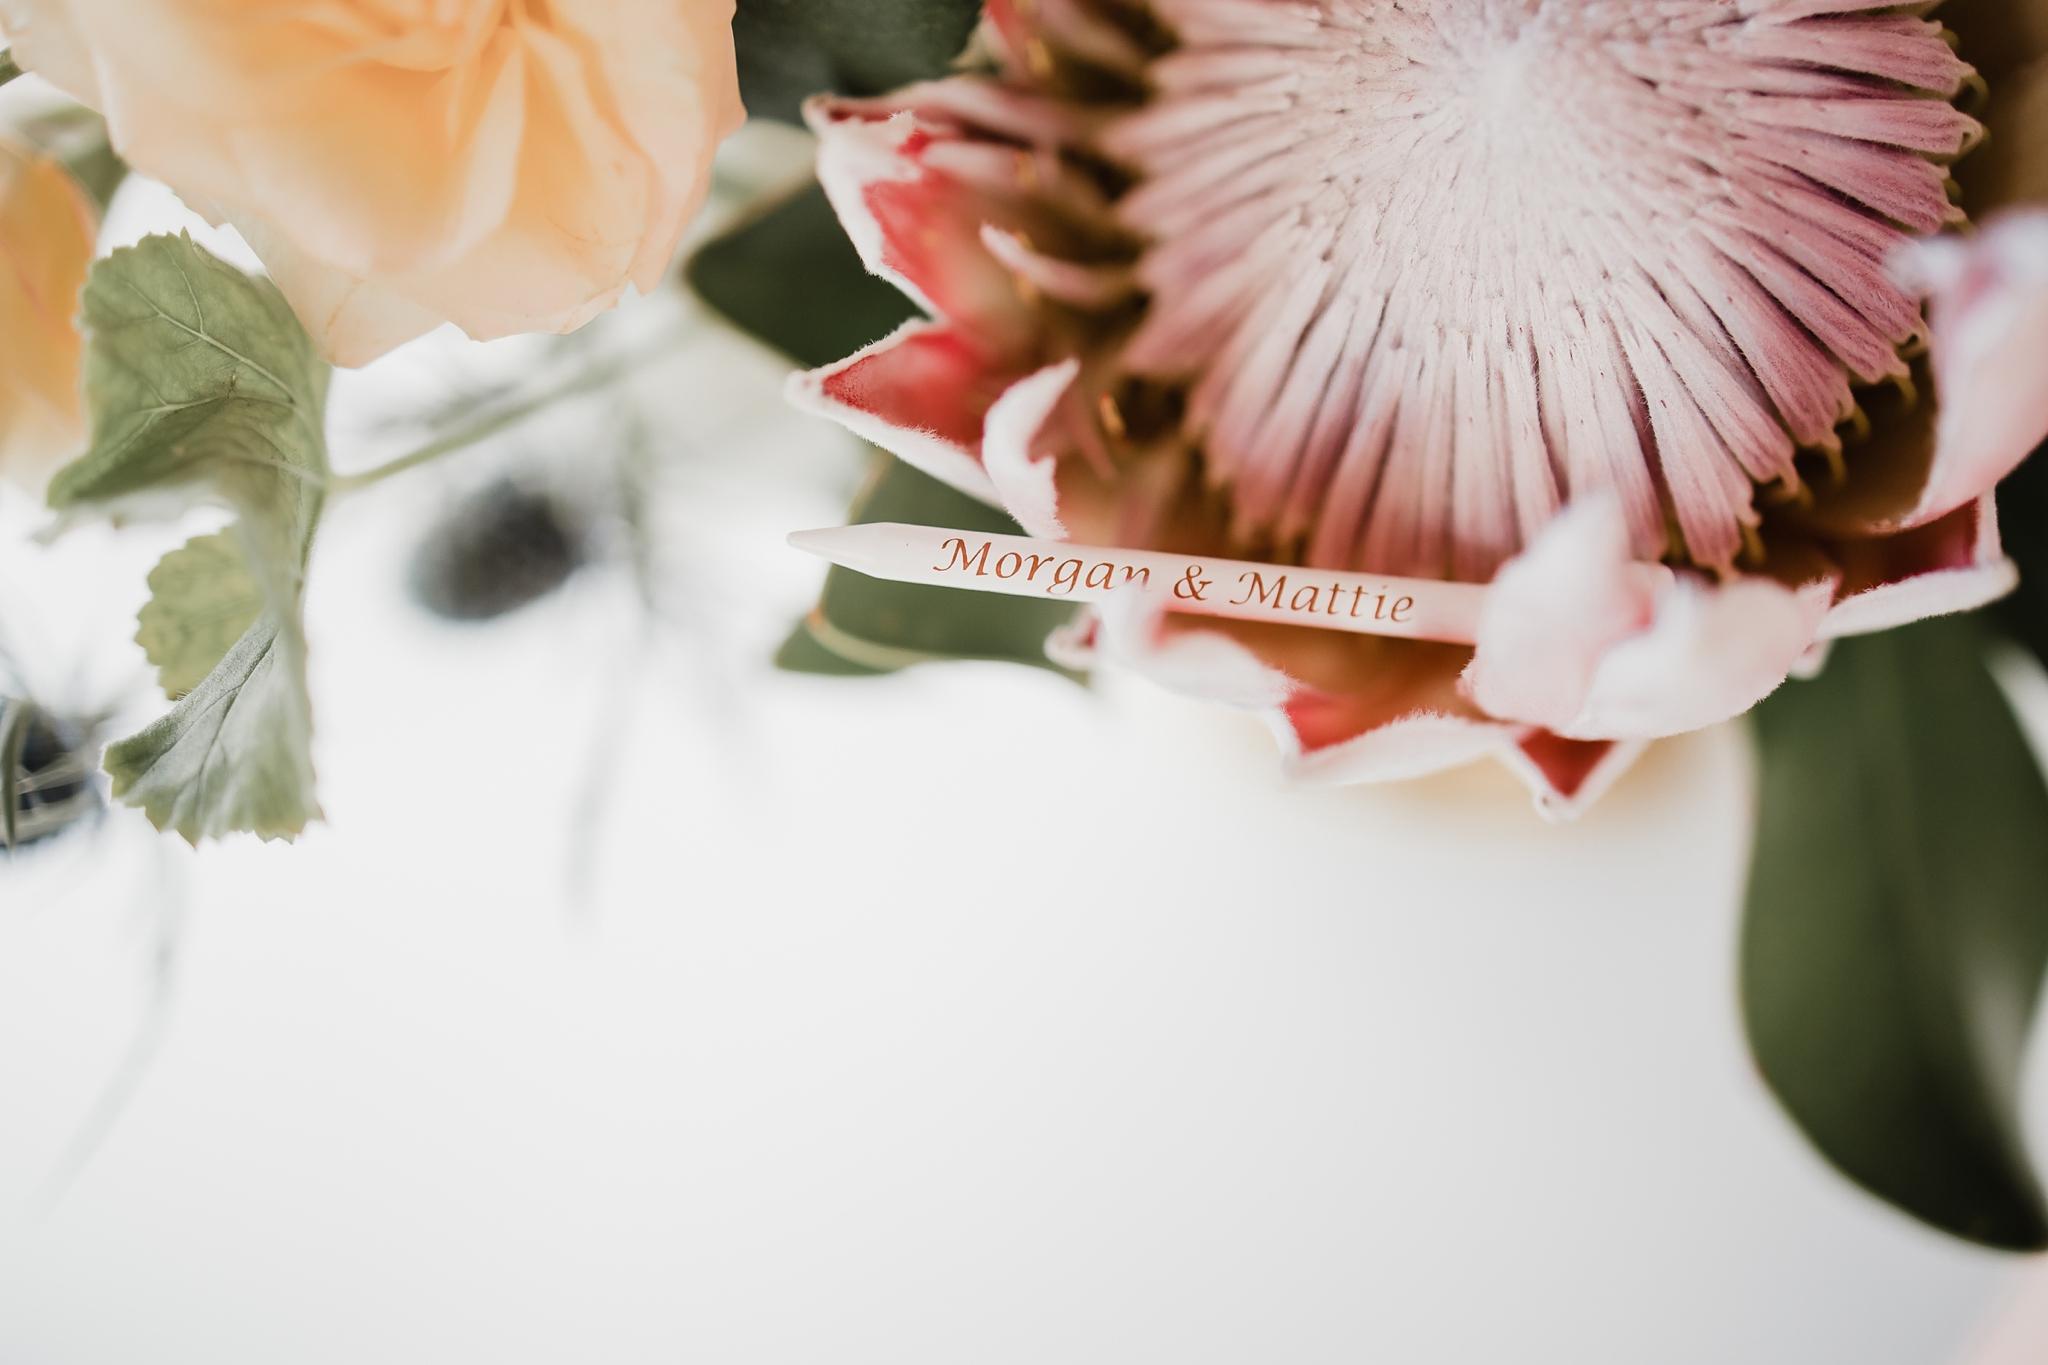 Alicia+lucia+photography+-+albuquerque+wedding+photographer+-+santa+fe+wedding+photography+-+new+mexico+wedding+photographer+-+new+mexico+wedding+-+las+campanas+wedding+-+santa+fe+wedding+-+maximalist+wedding+-+destination+wedding_0132.jpg